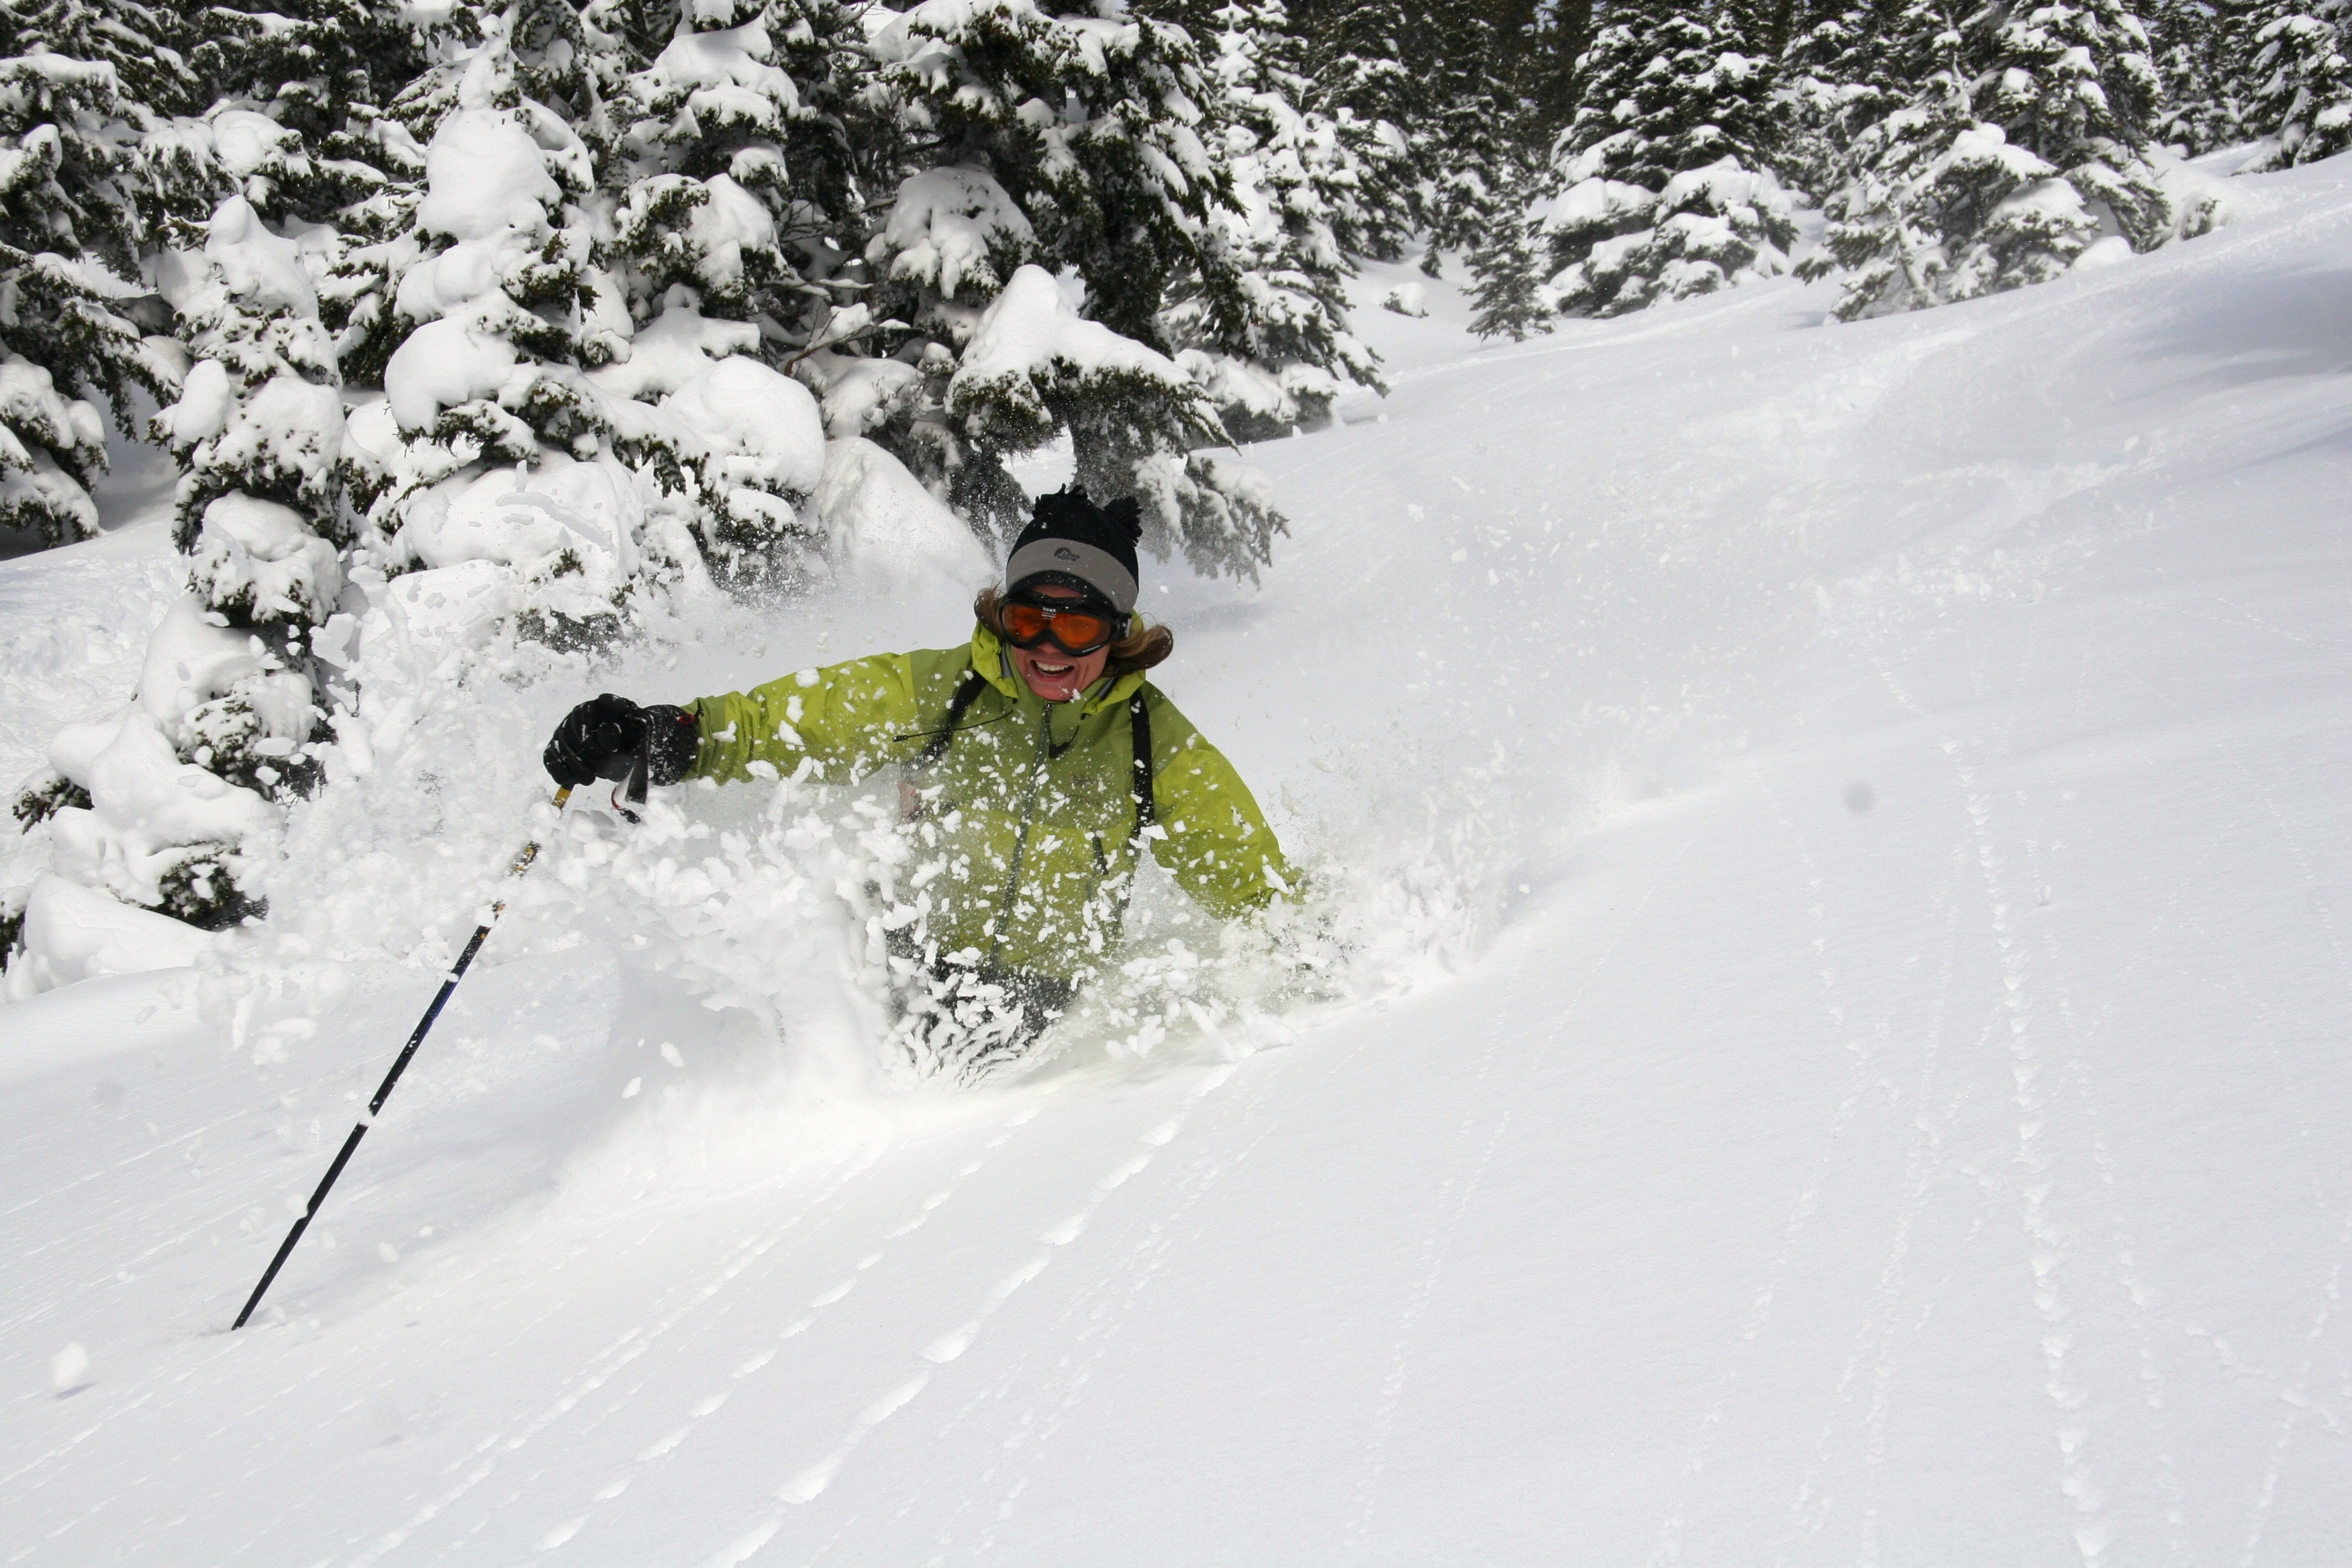 helicopter skiing canada, heliboarding and heliskiing bc canada